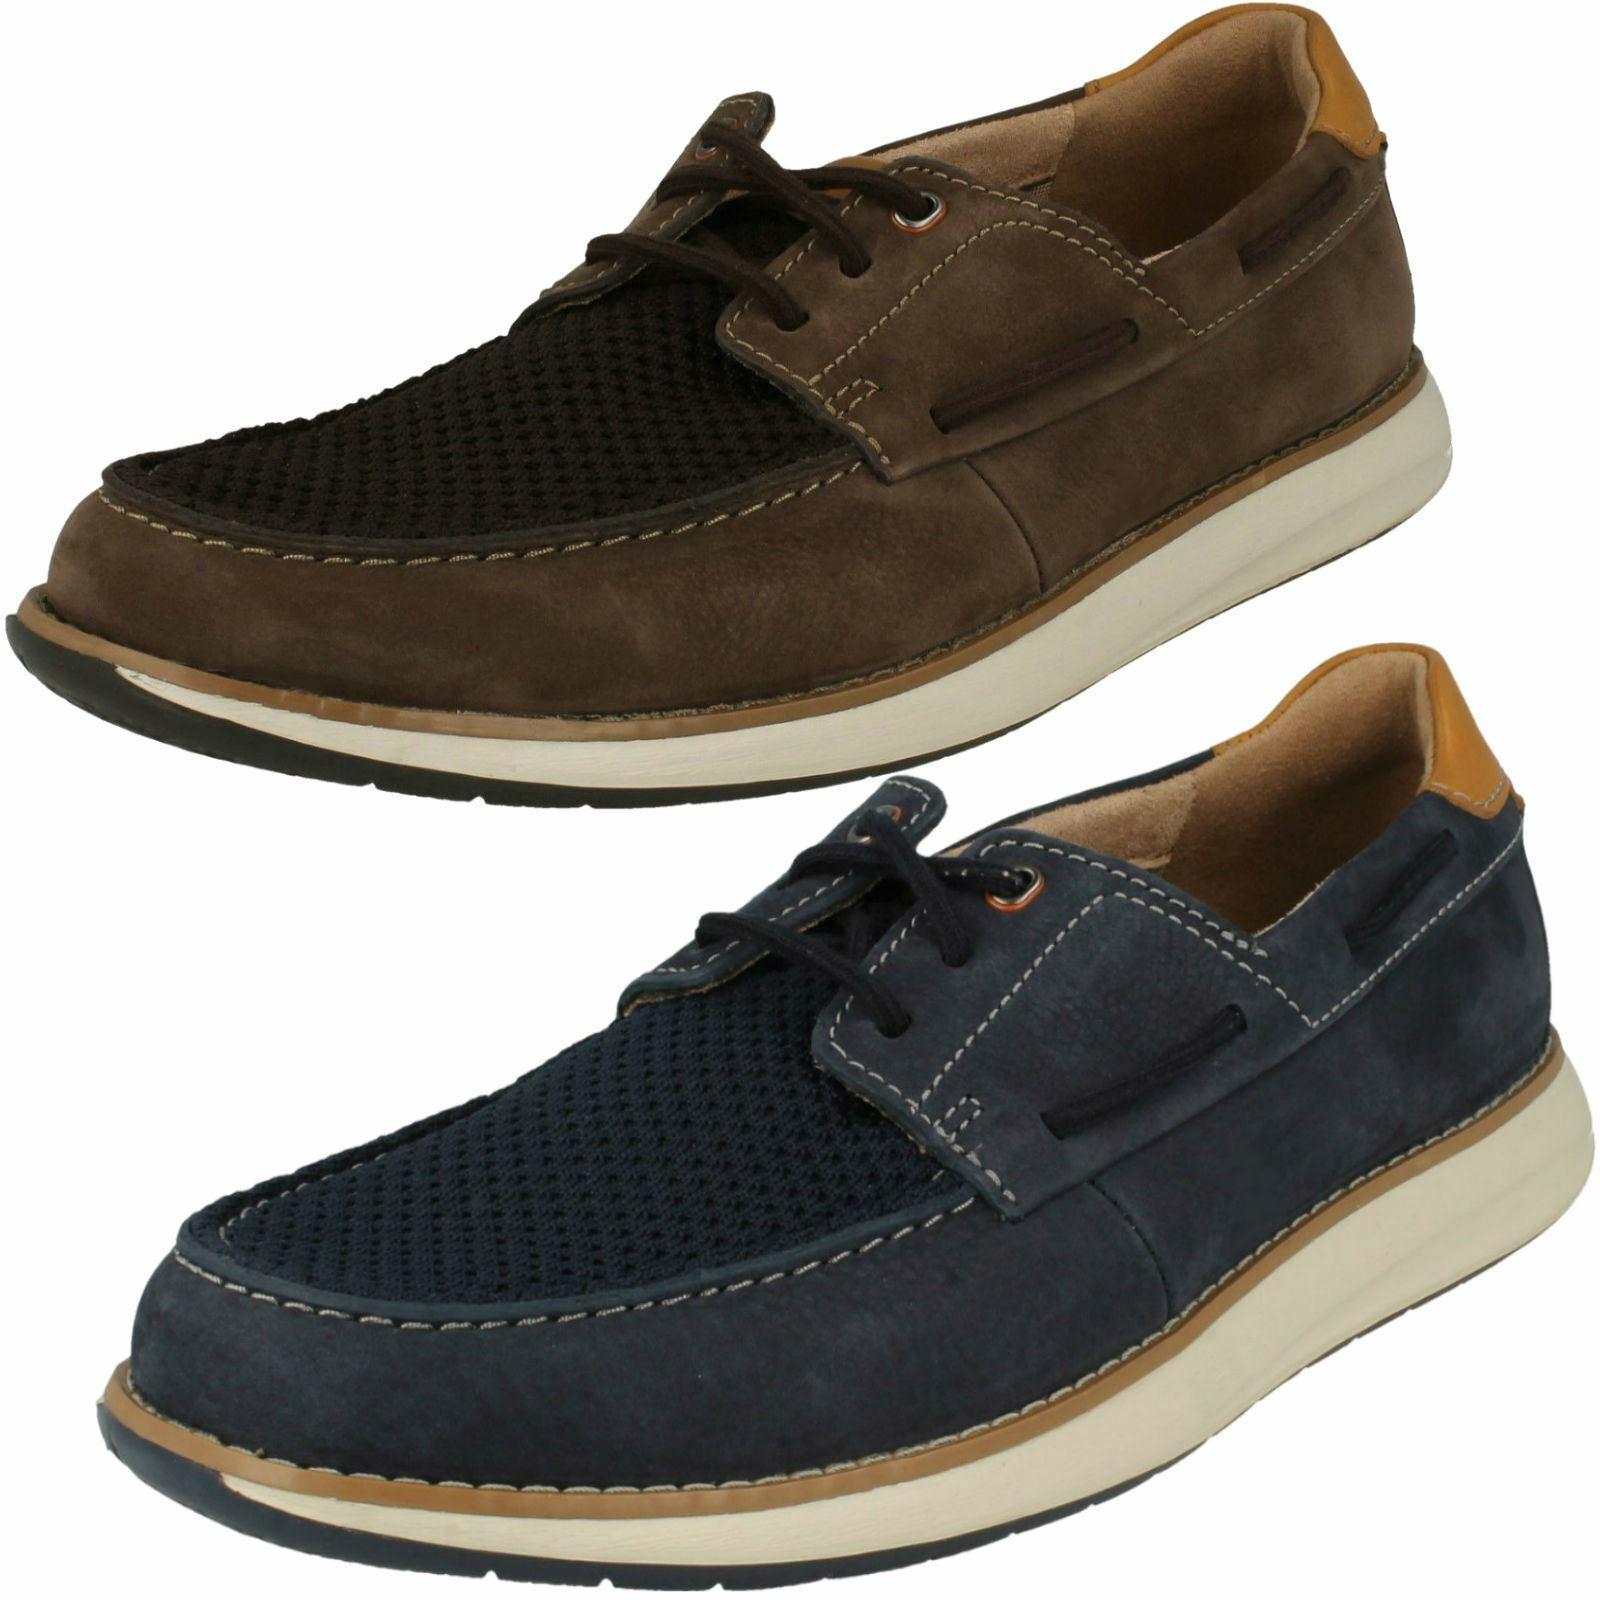 Mens Clarks Unstructured Casual Deck shoes Un Pilot Lace